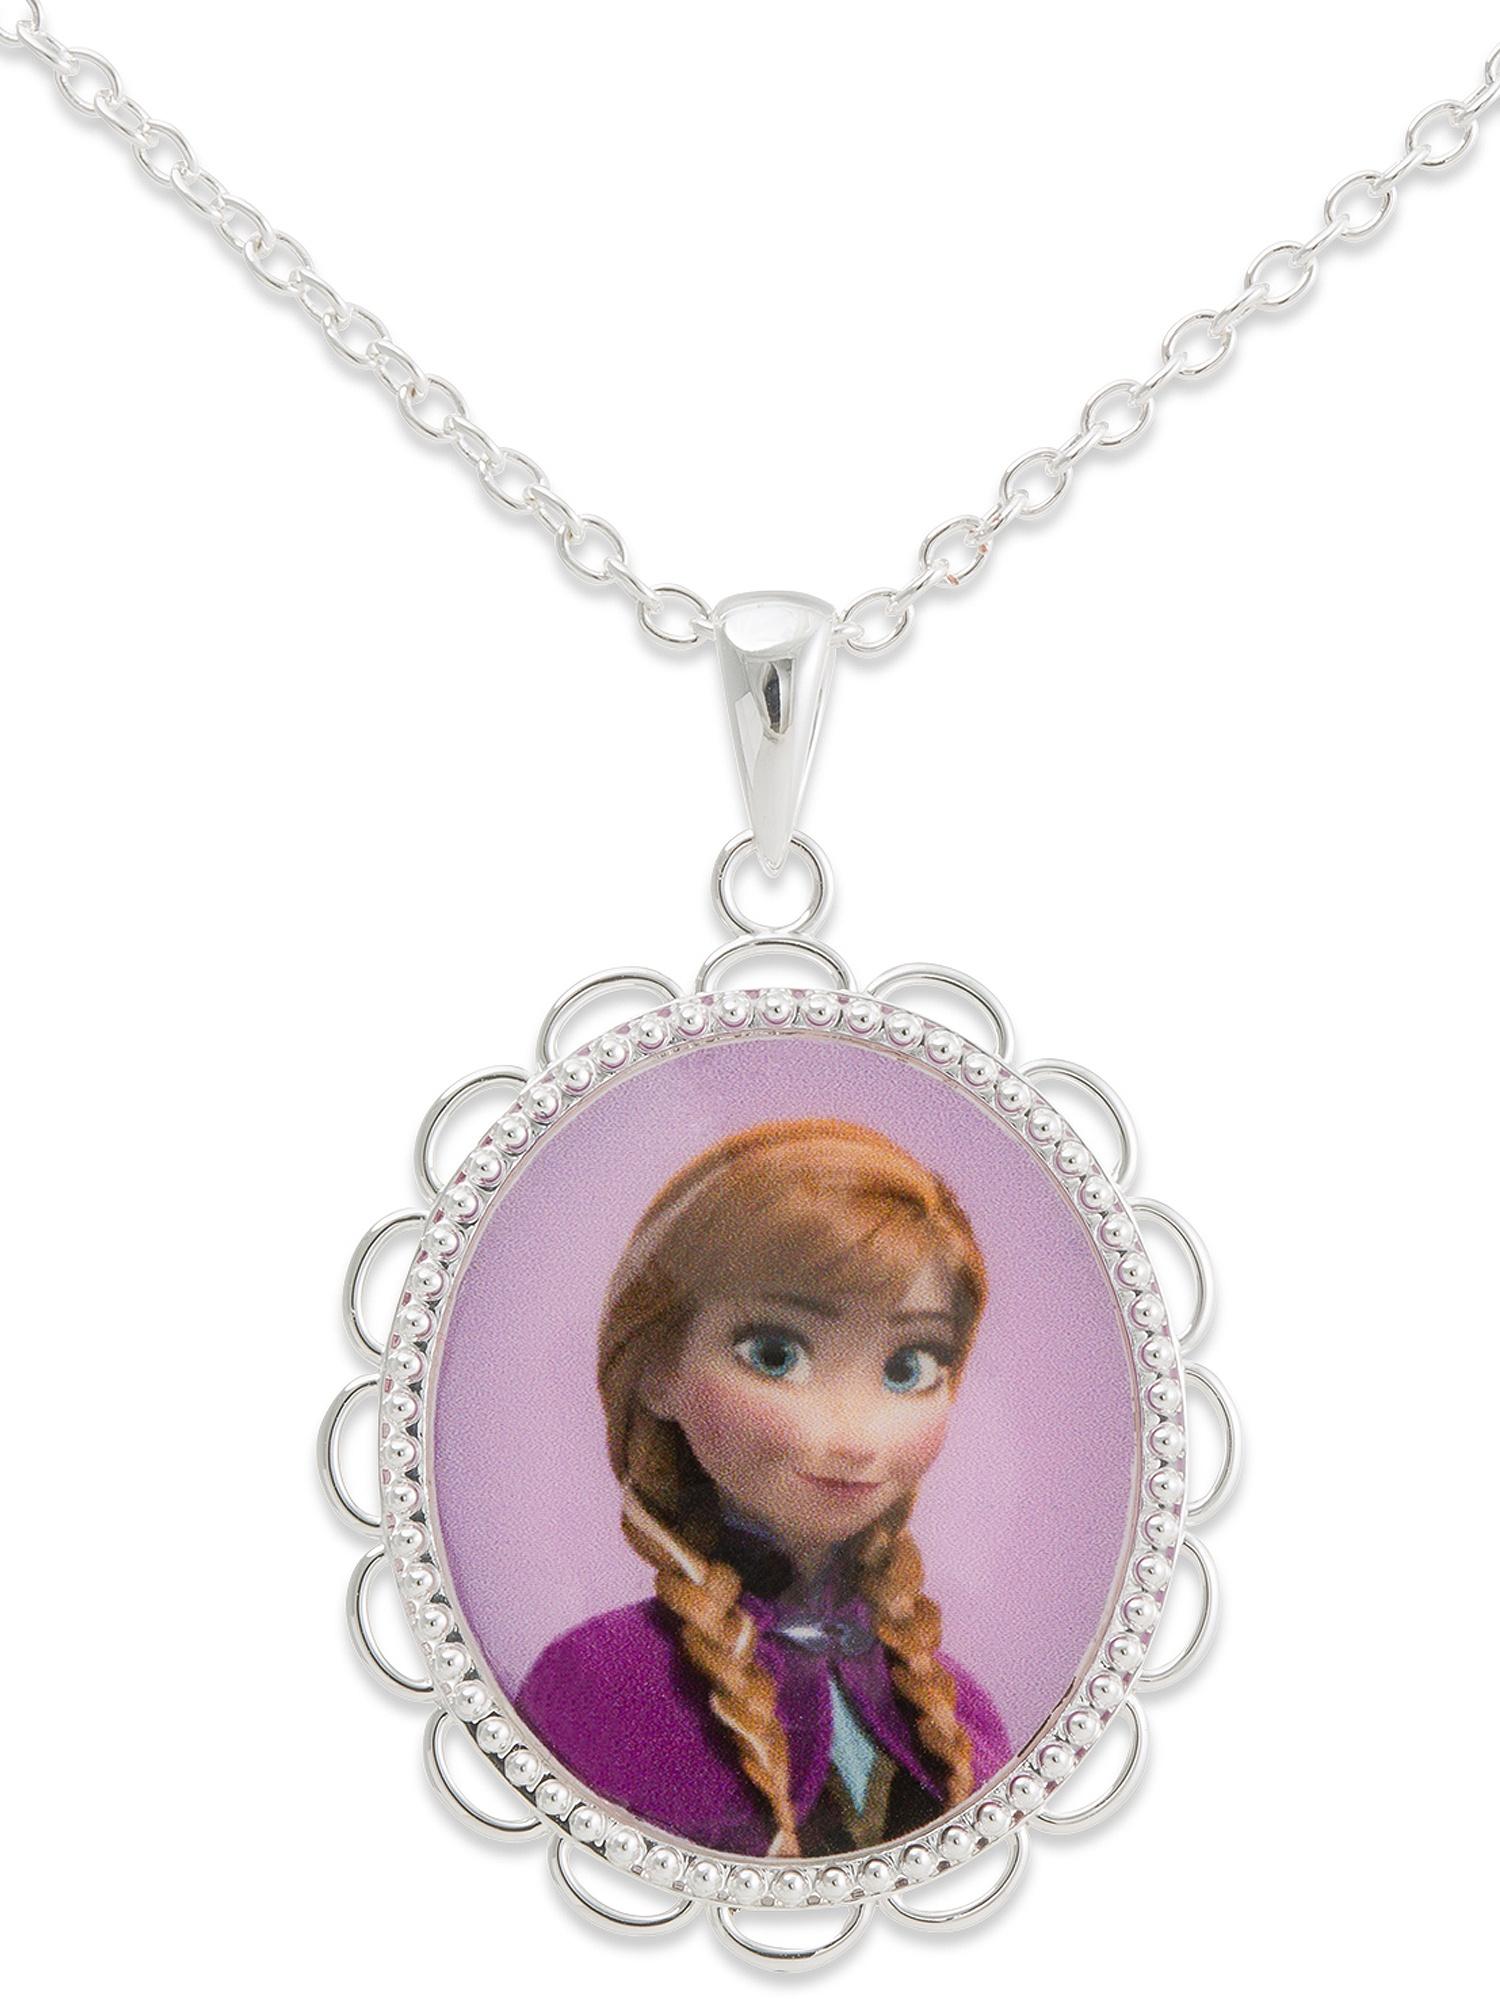 Disney Frozen Silver-Tone Princess Anna Pendant